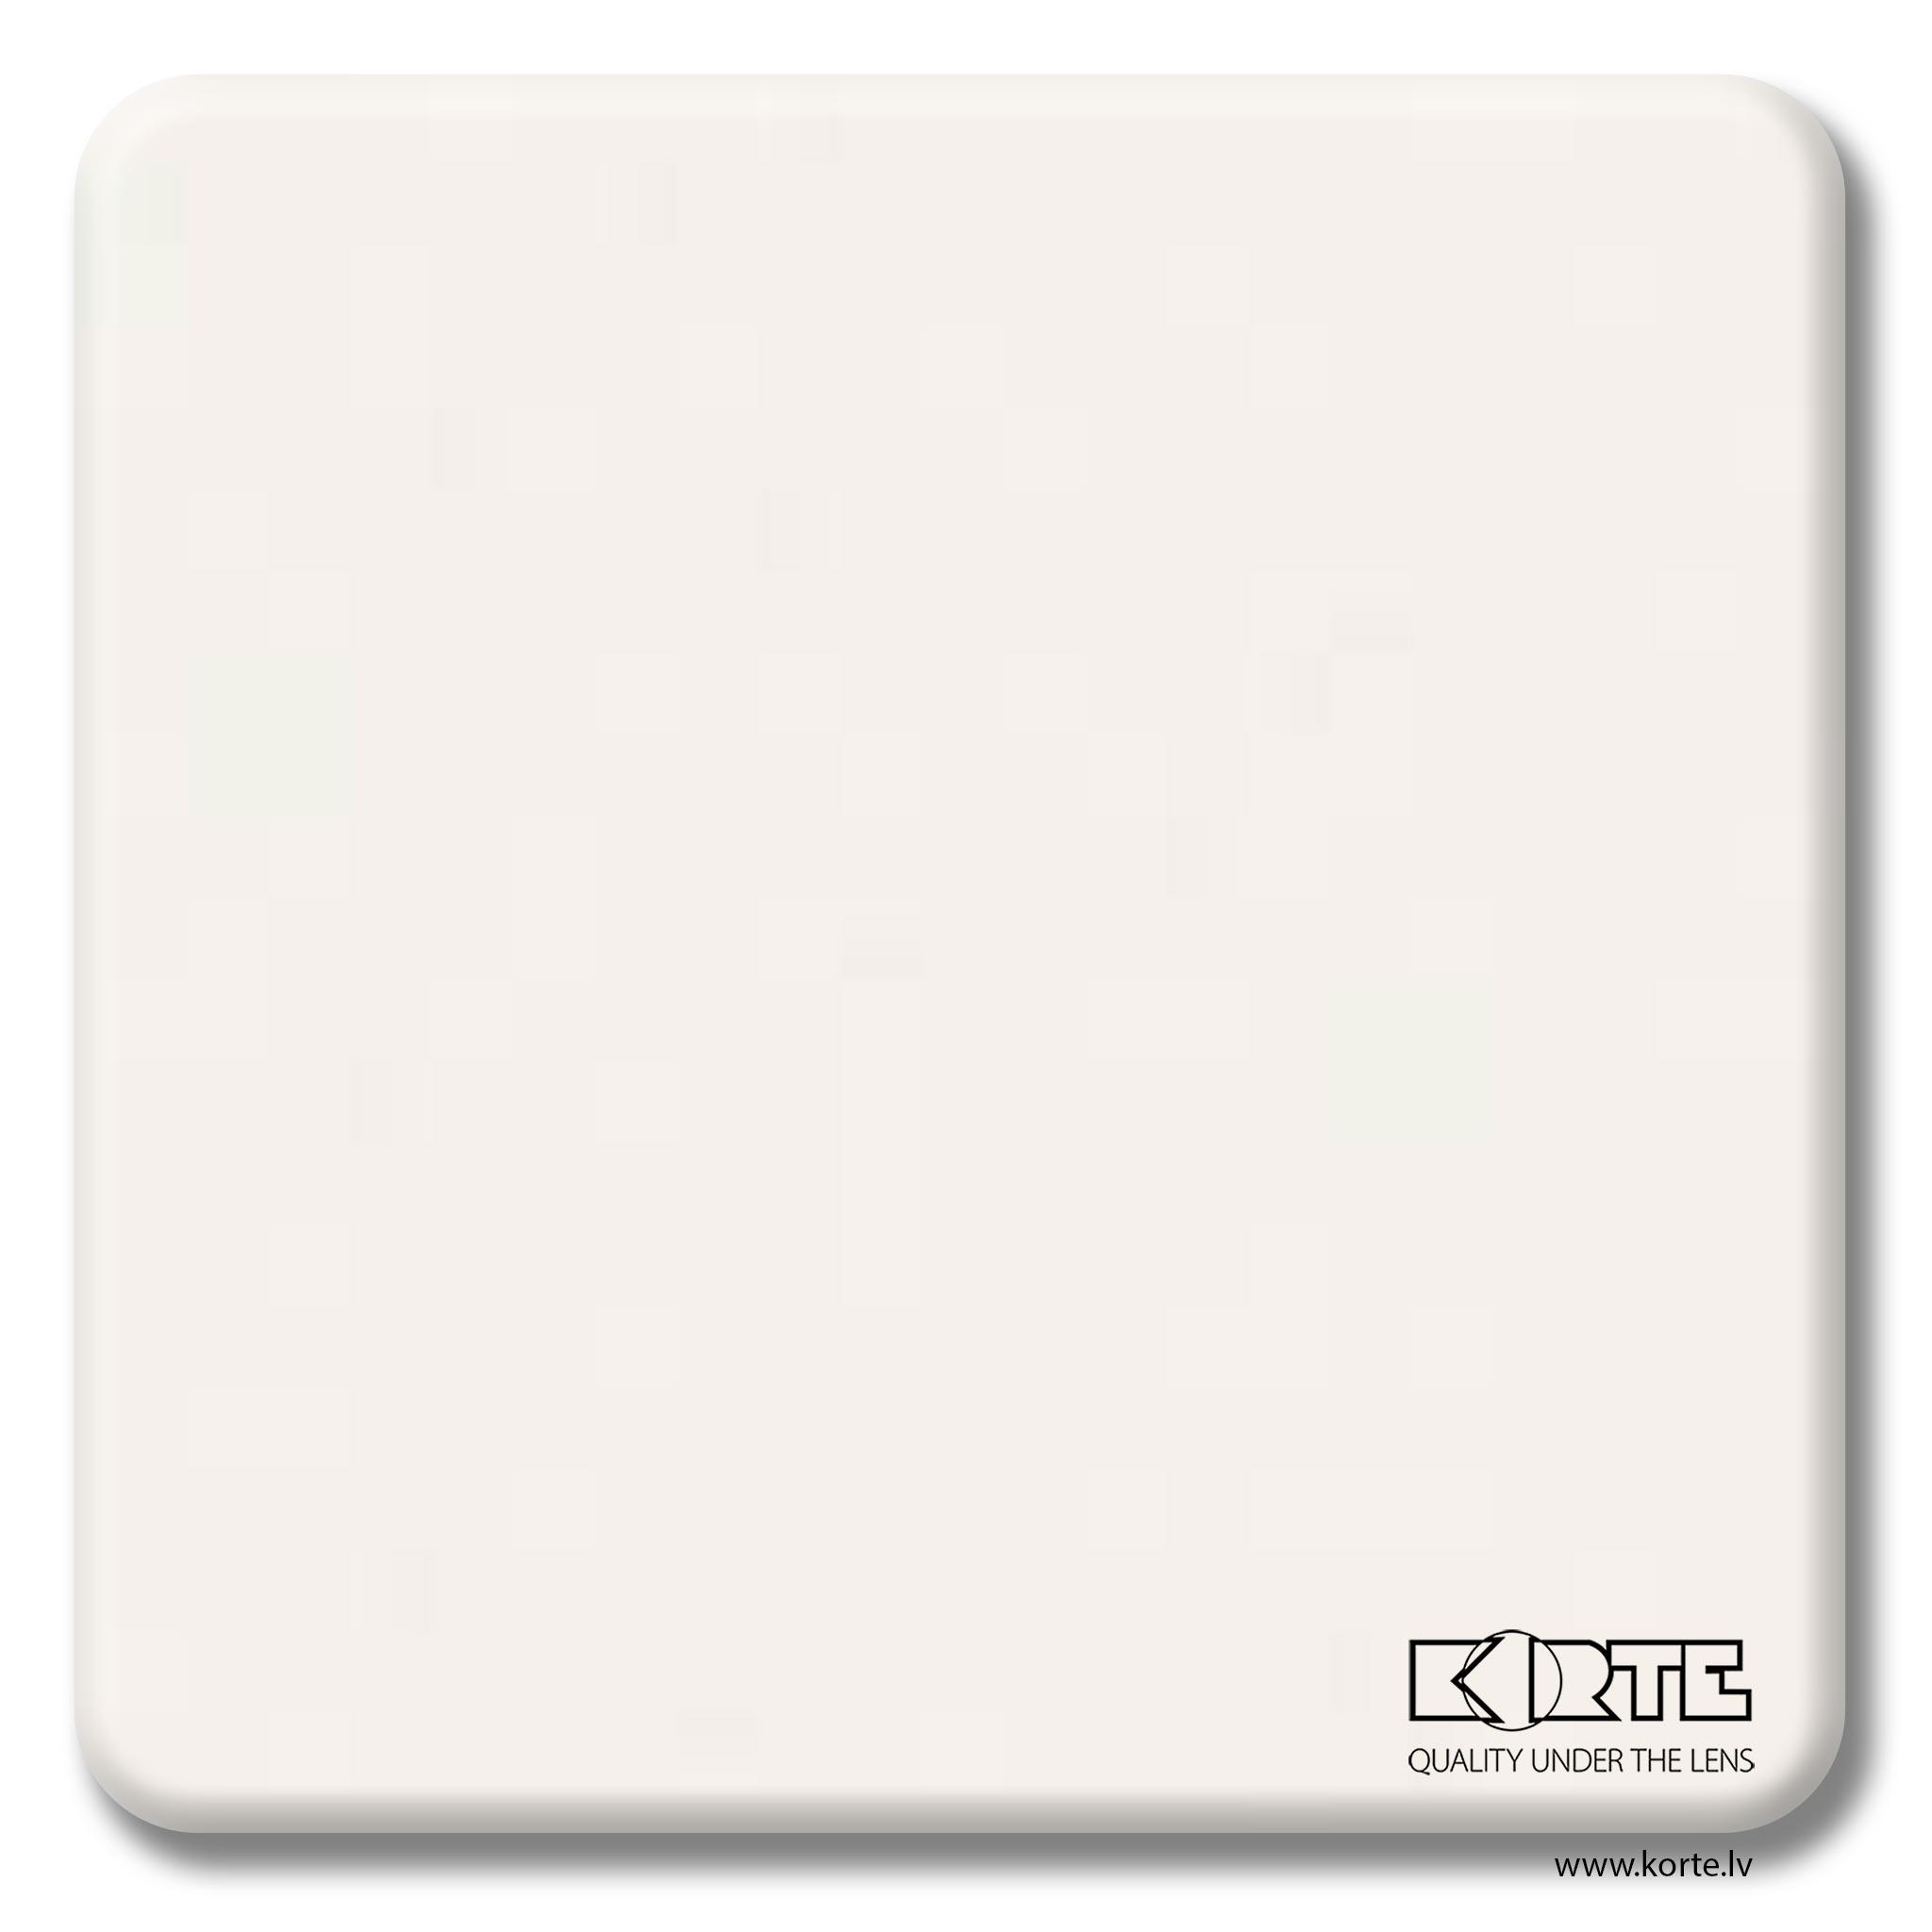 LG Himacs Satin White